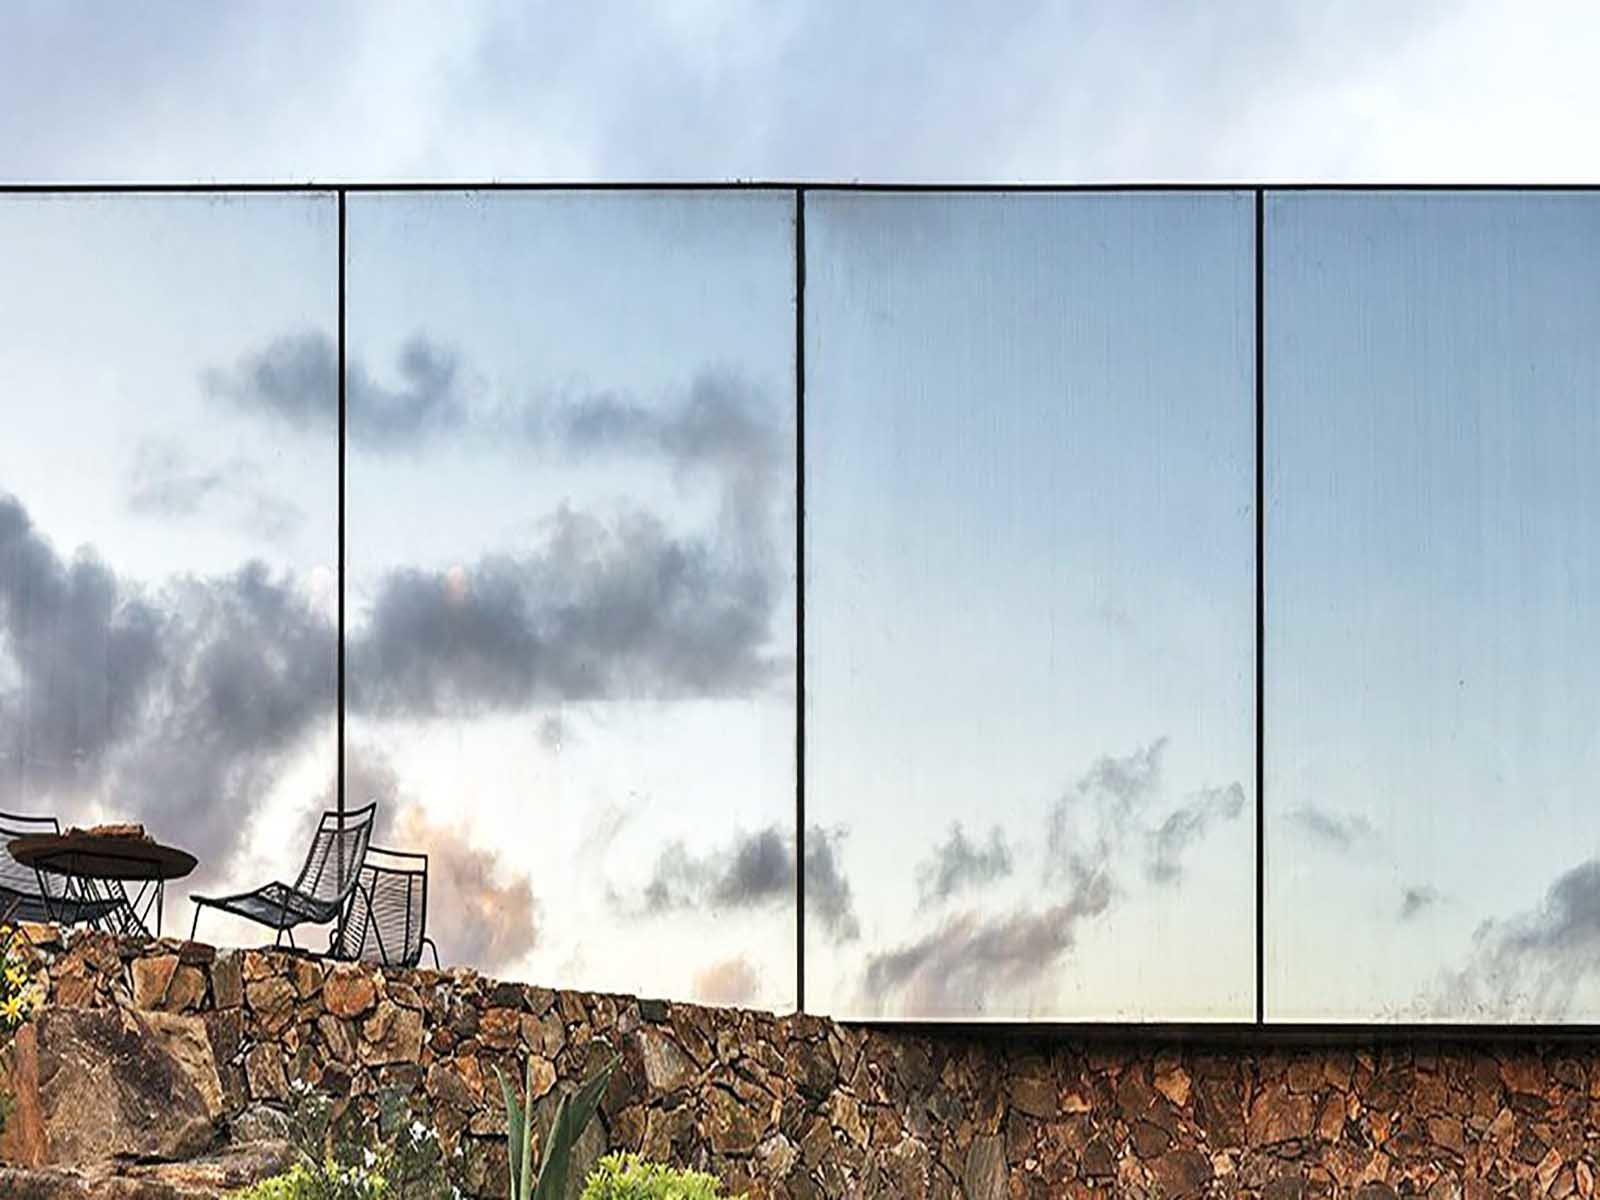 Эко отель находится в горах и сделан из стекла и зеленых насаждений